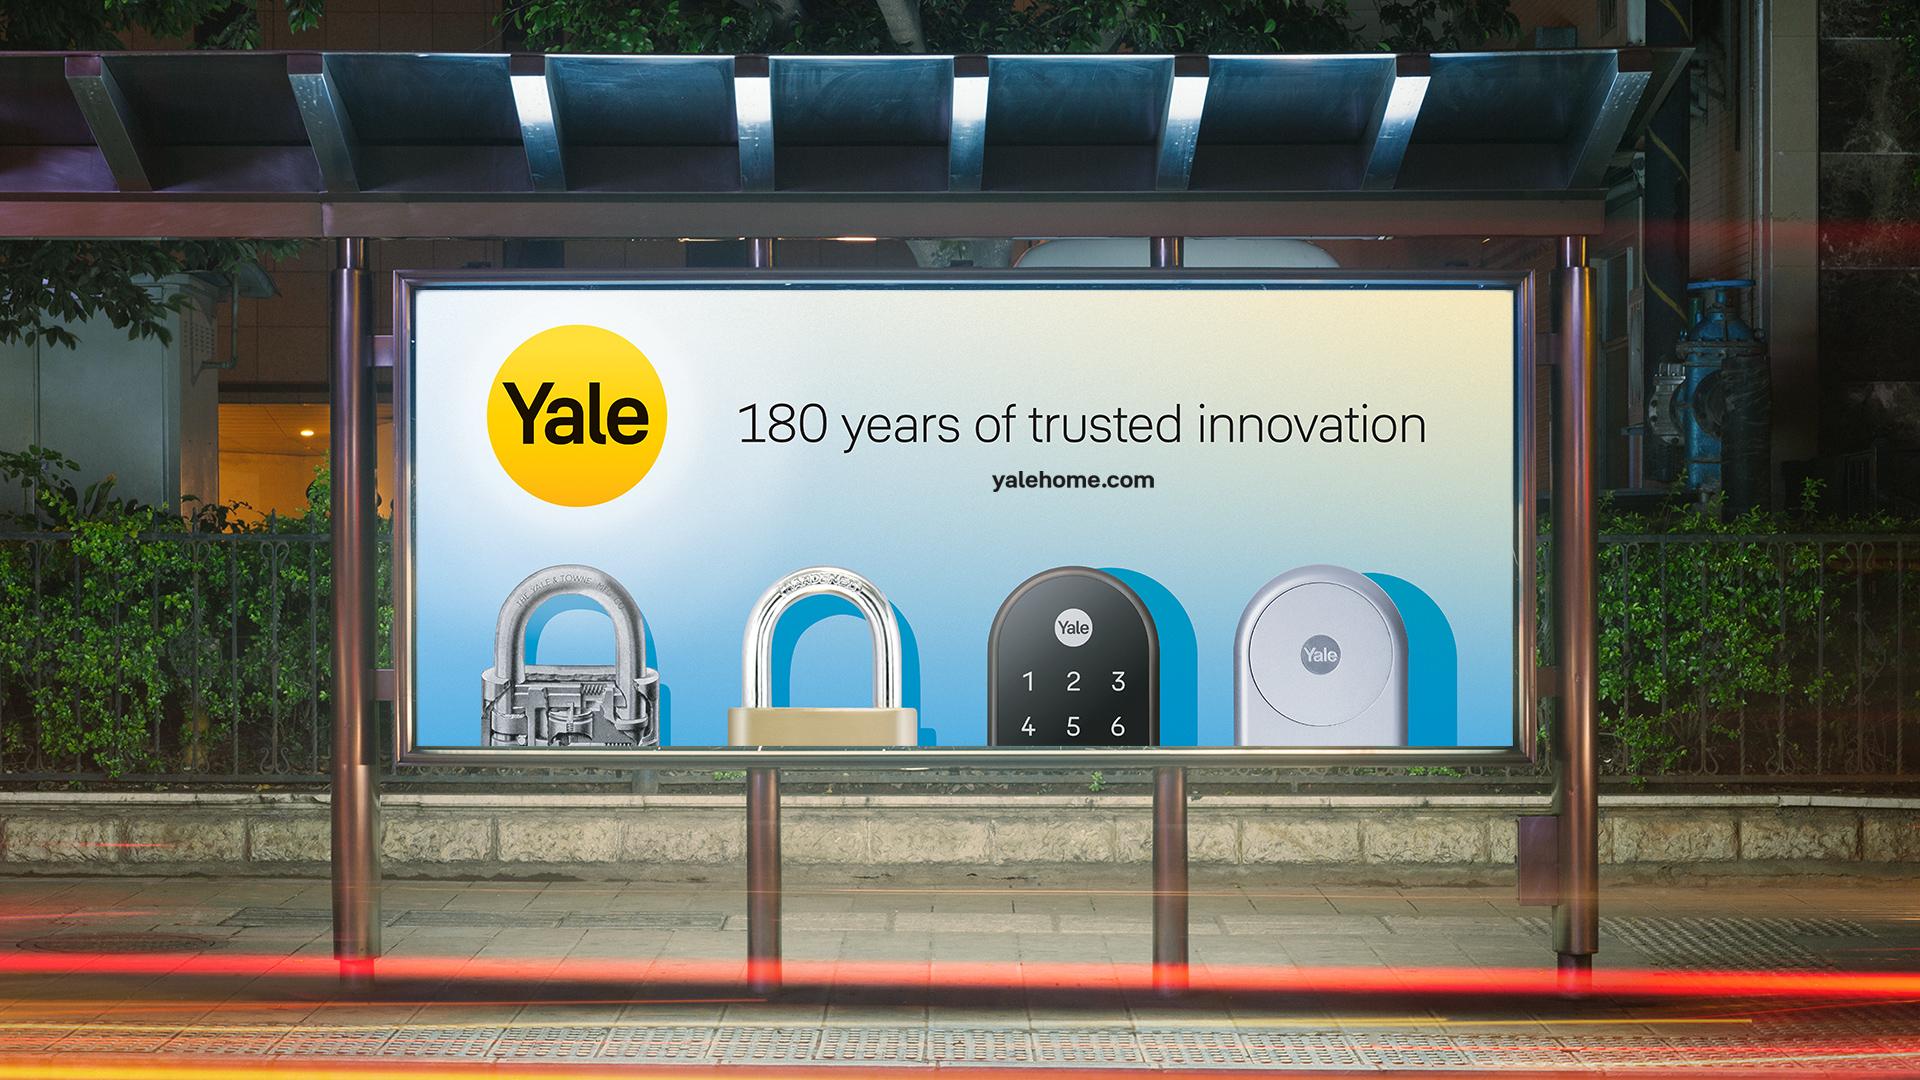 Yale billboard